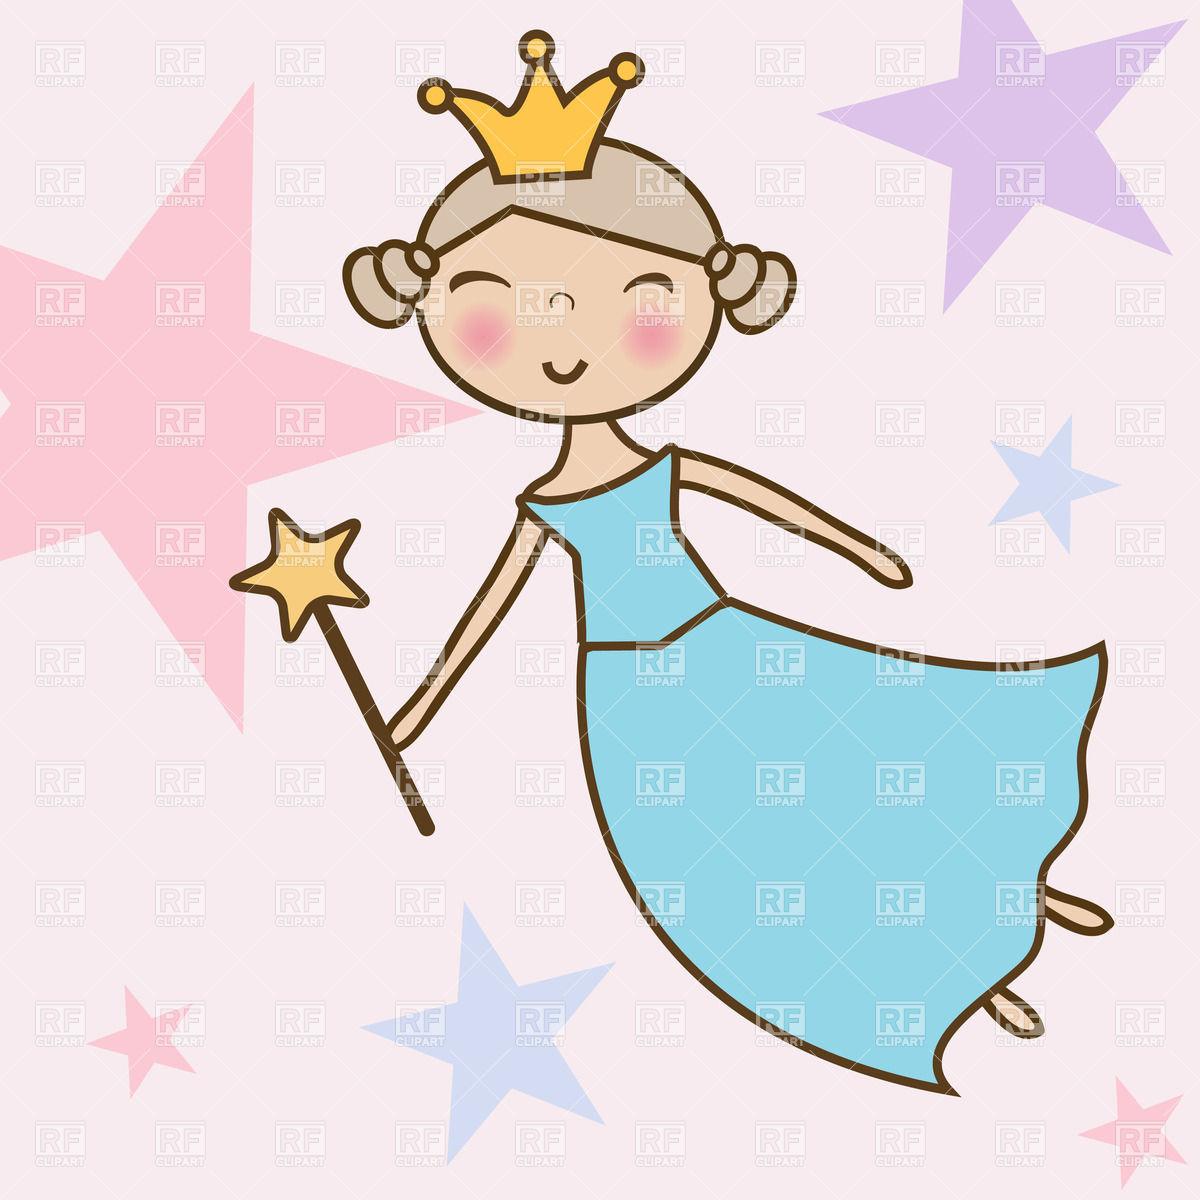 Magic fairy wand clipart clipart kid - Clipartix